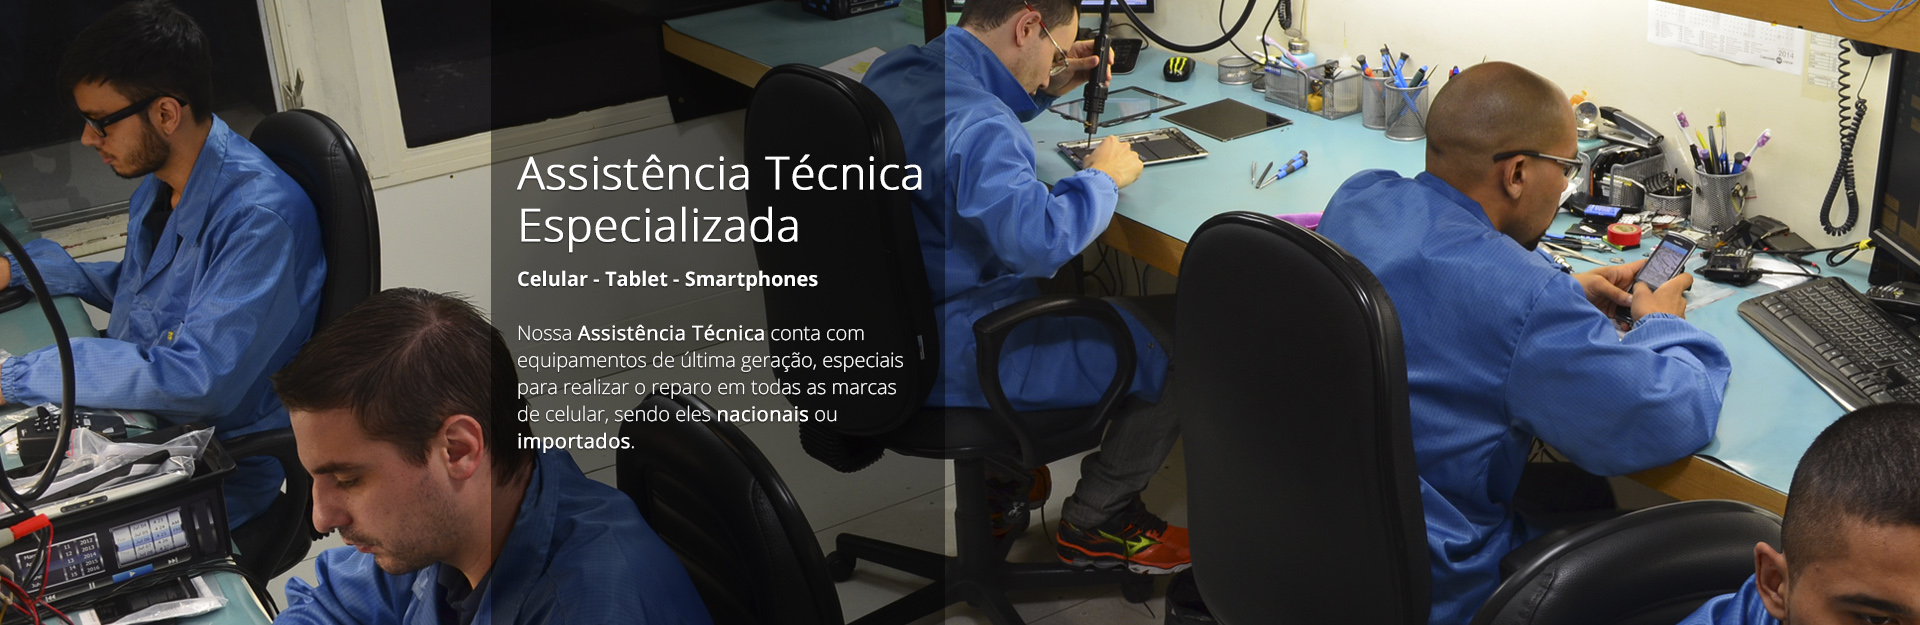 banner_assistencia